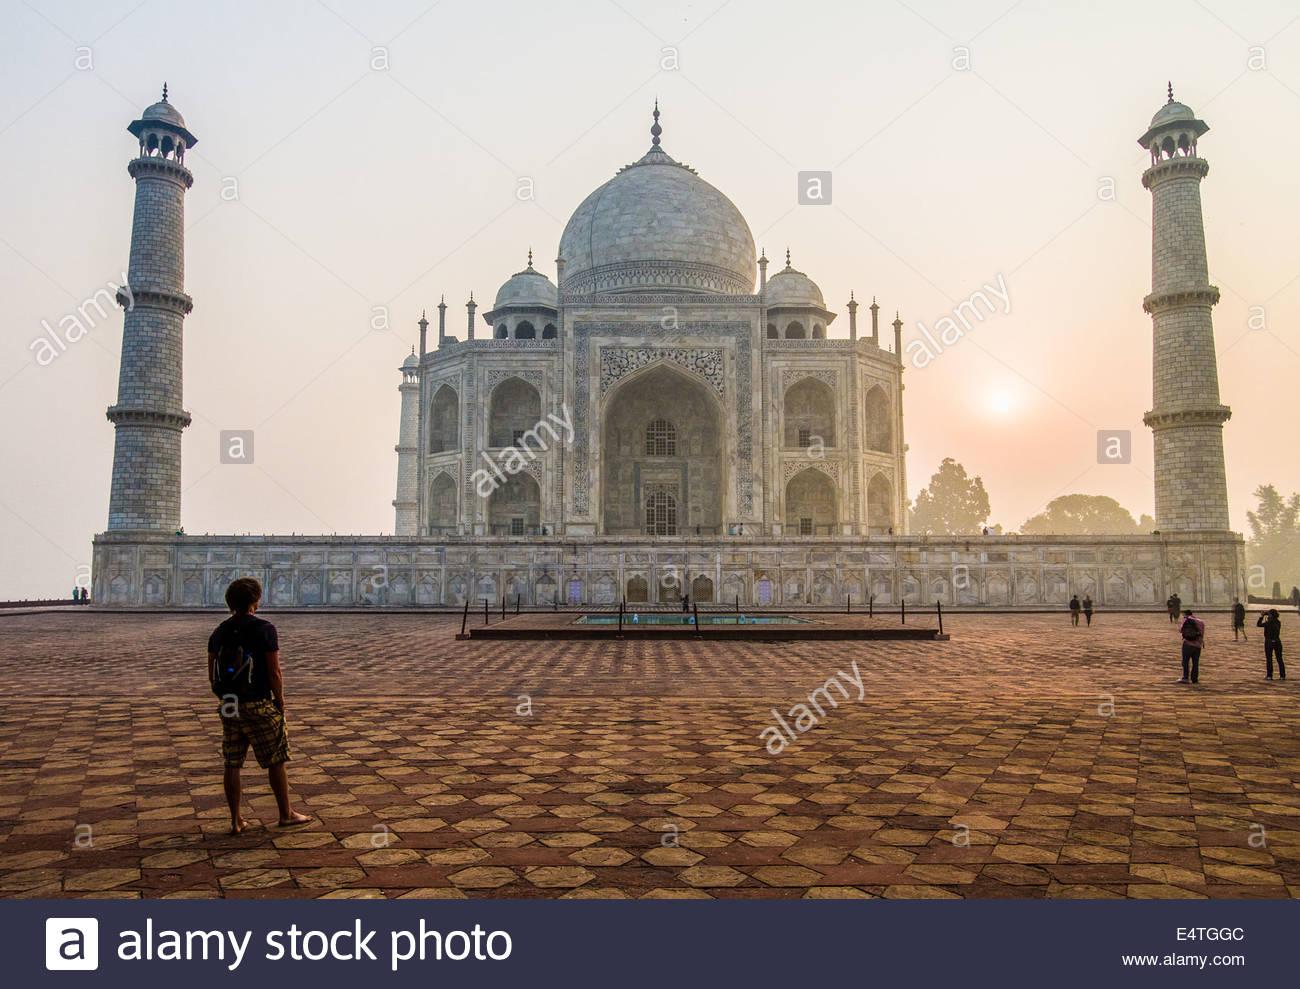 Un hombre parado ante el Taj Mahal como el Sol sale por detrás, Agra, India, Asia Foto de stock